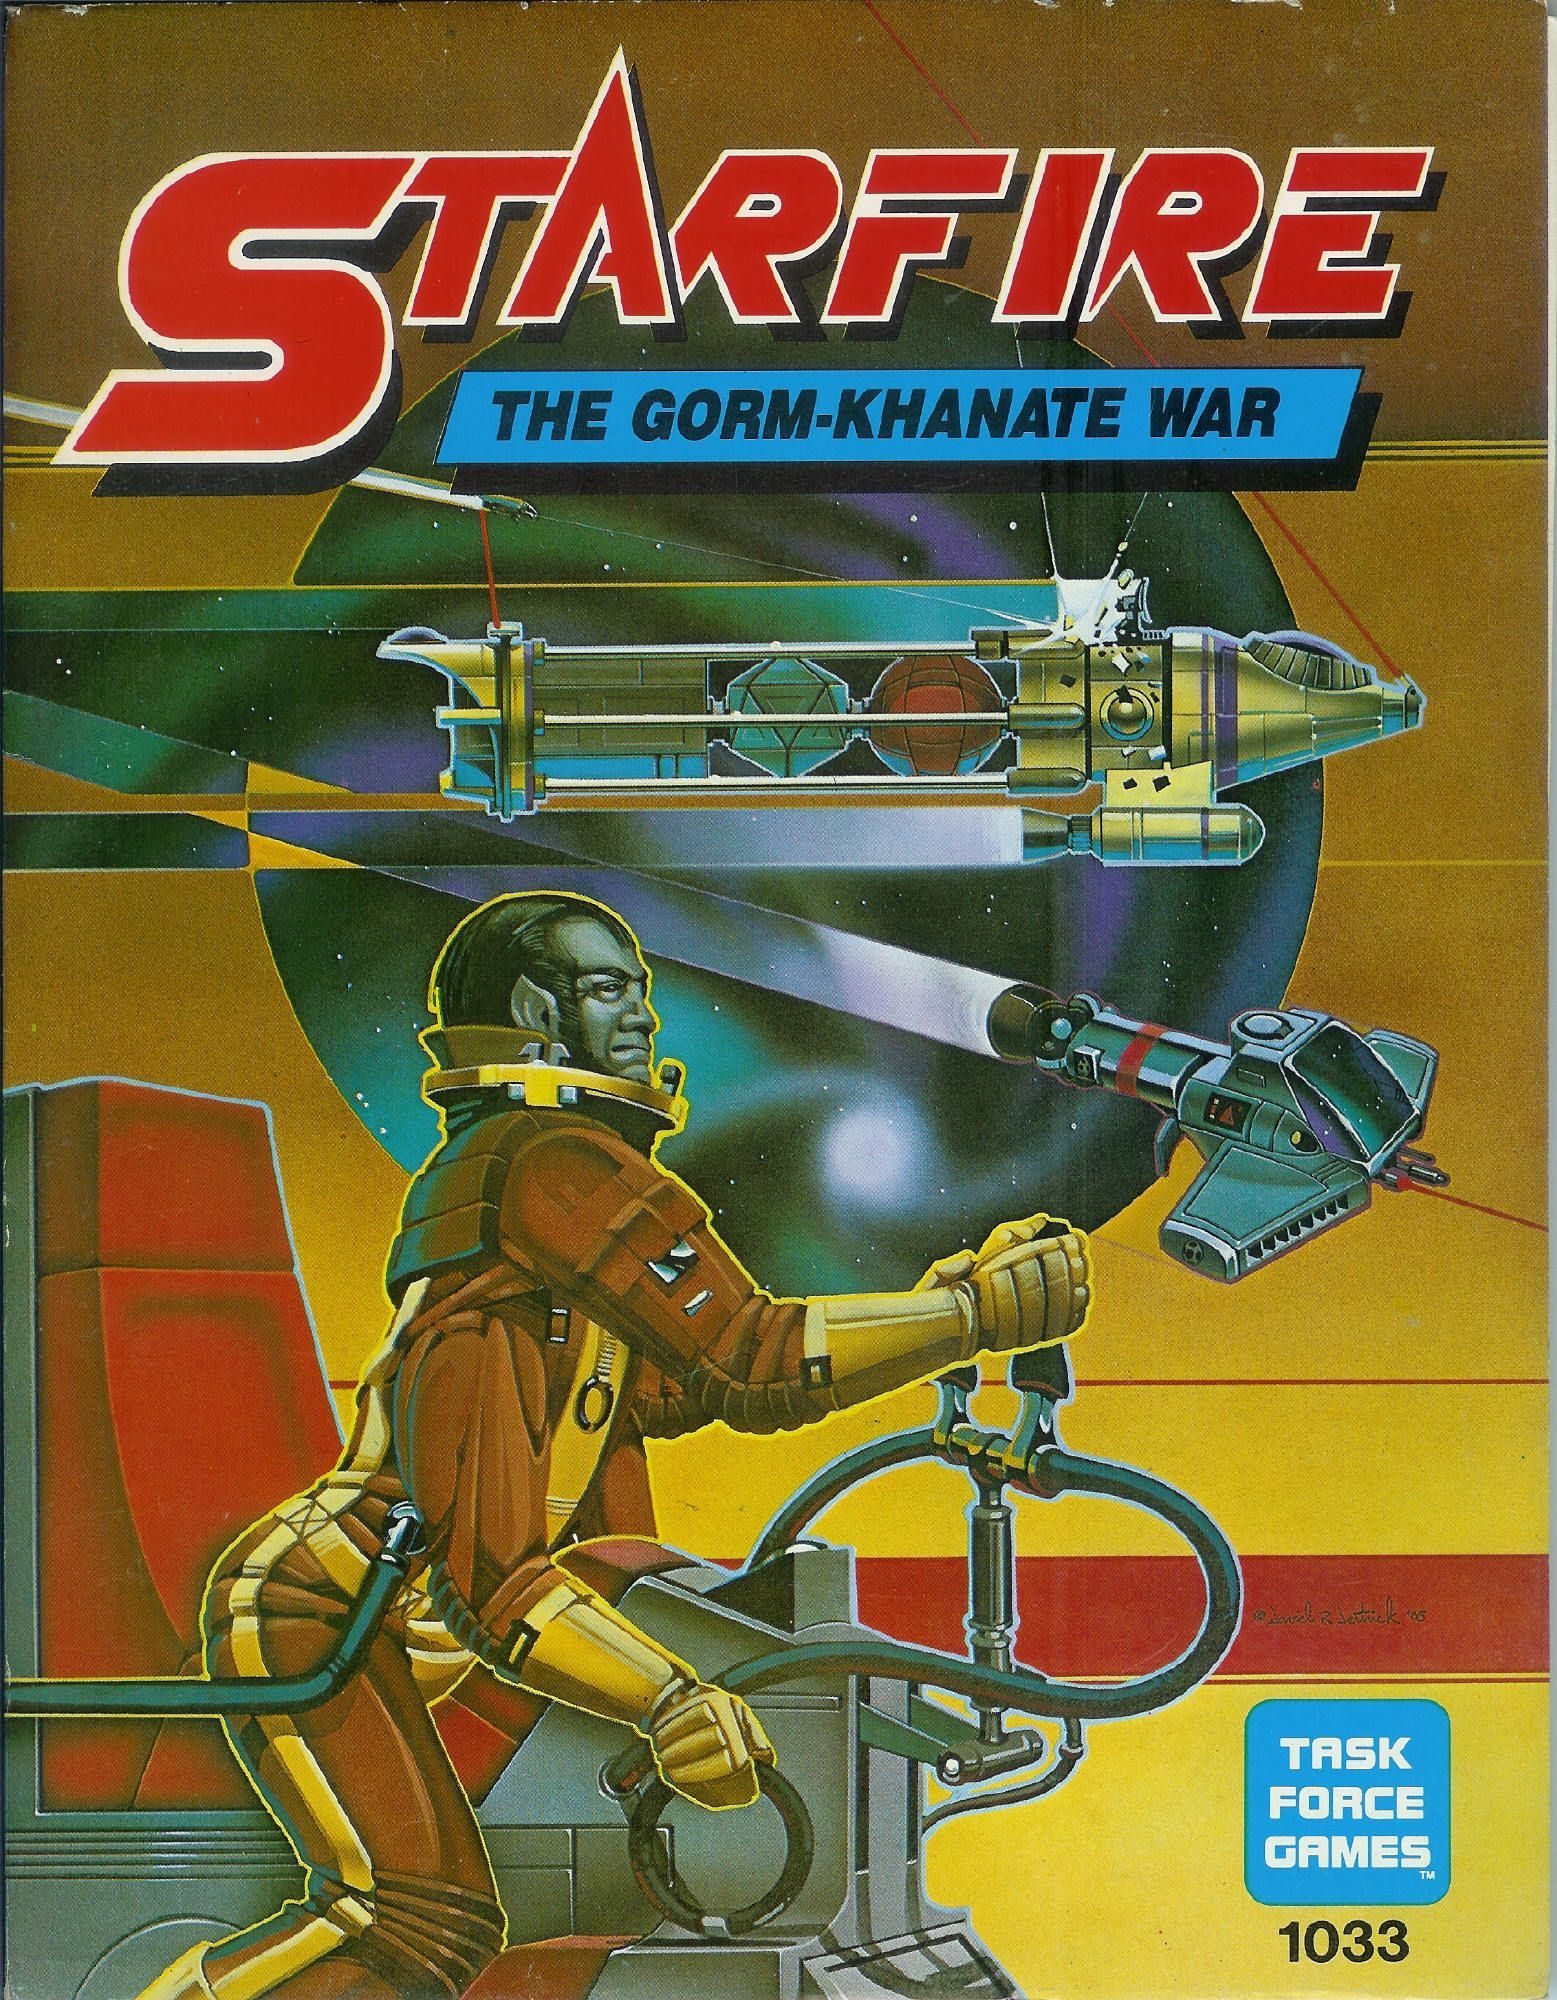 Starfire, The Gorm-Khanate War